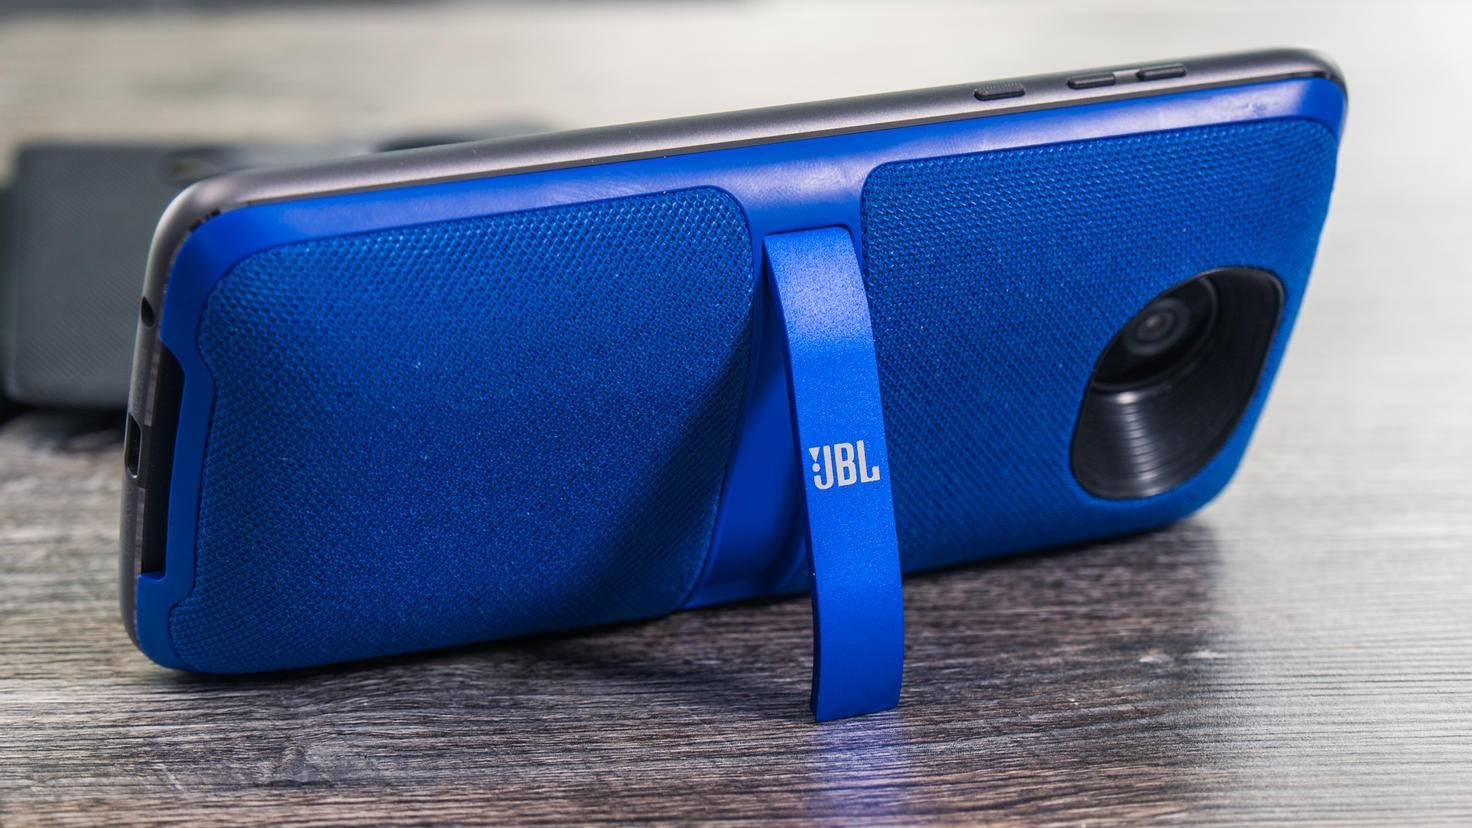 Der JBL SoundBoost 2 ist im Lieferumfang enthalten.